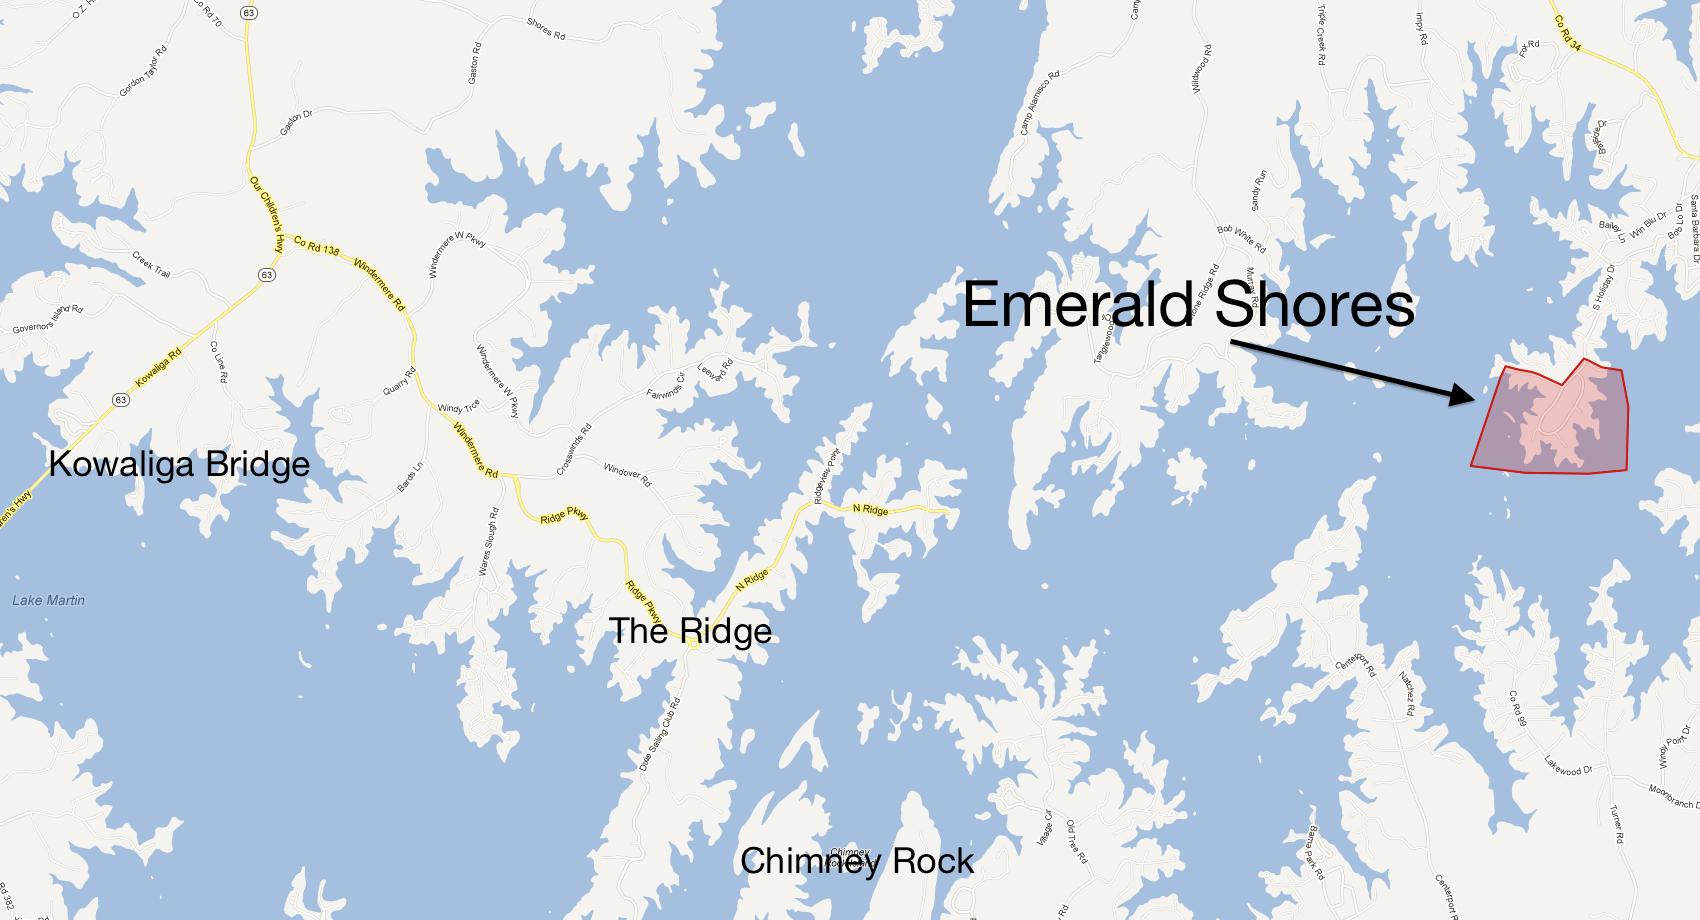 Emerald Shores on Lake Martin